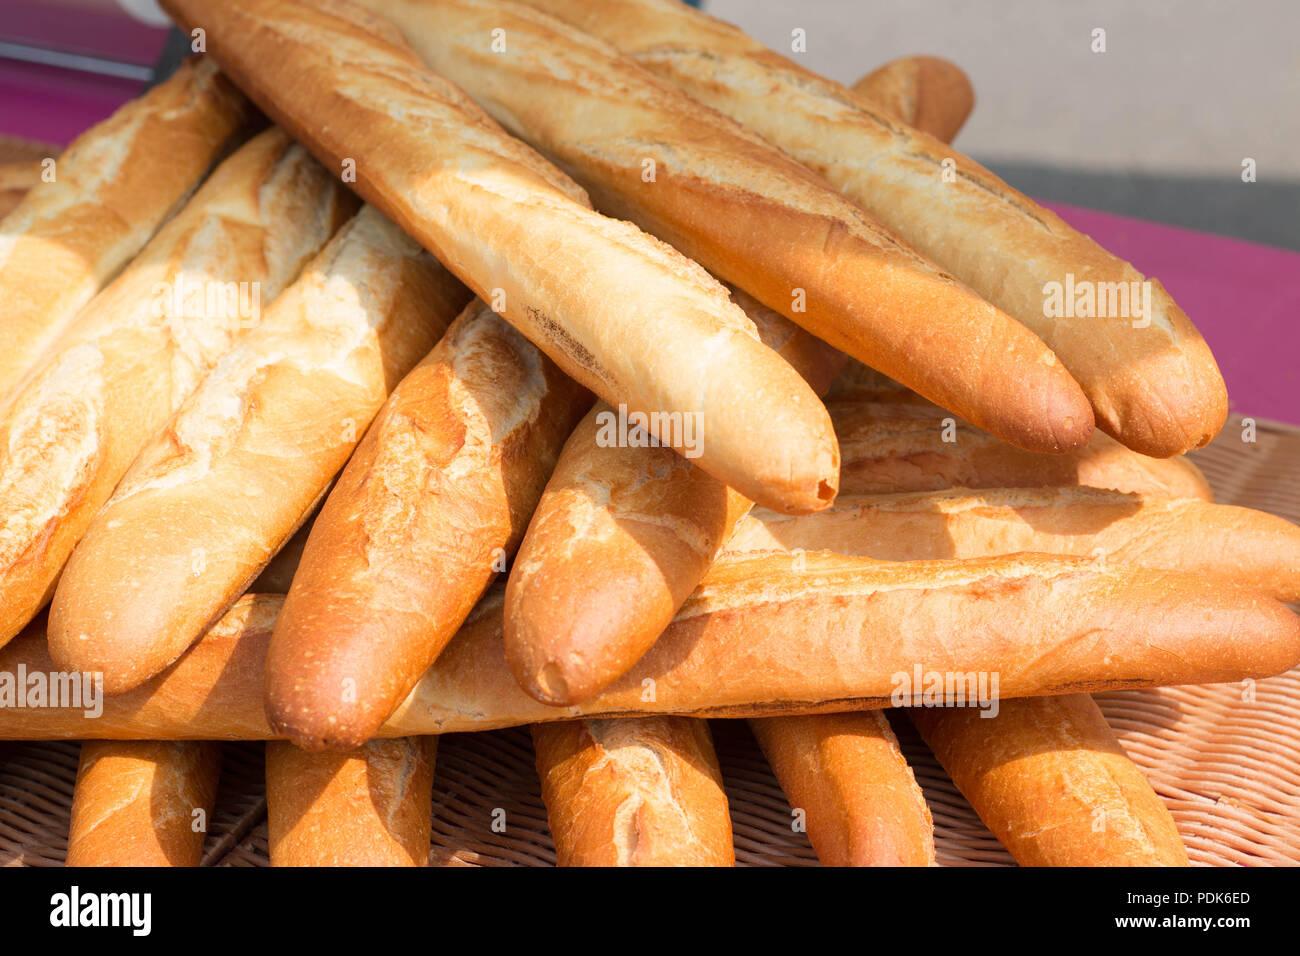 Baguette En Bois Decorative boulangerie baguette stock photos & boulangerie baguette